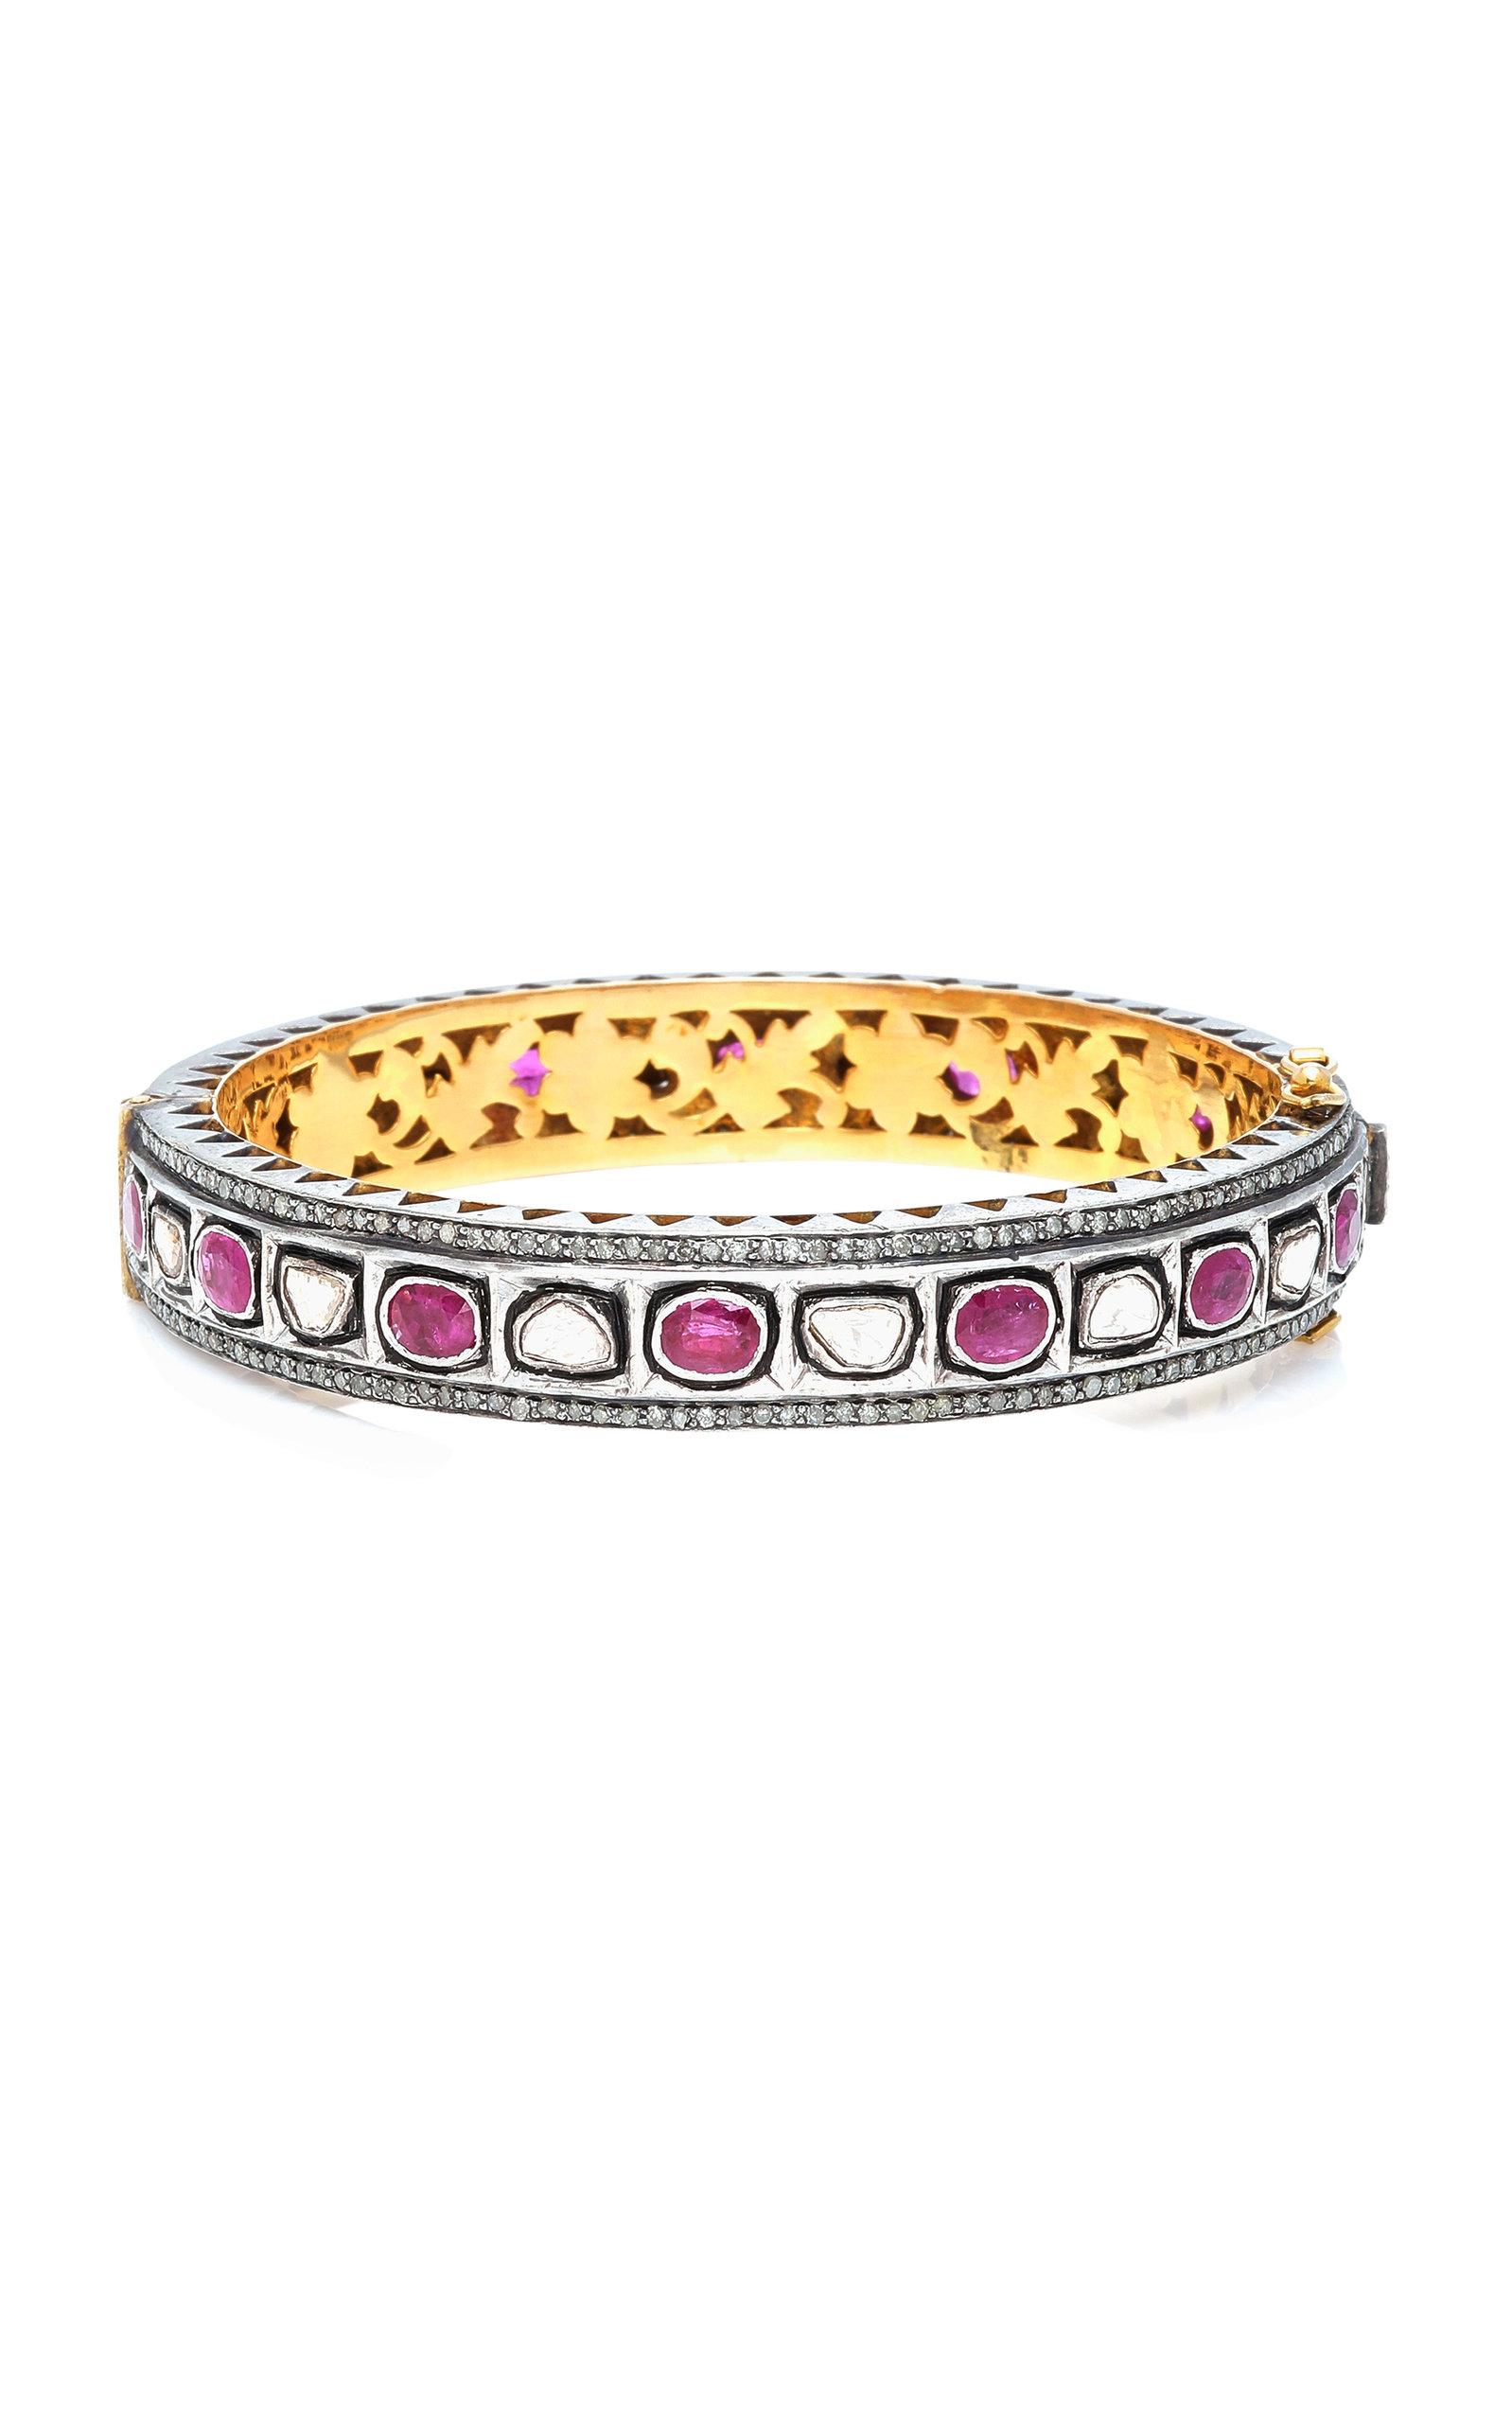 14K Gold Silver Sapphire and Diamond Bracelet Sanjay Kasliwal shQkFC